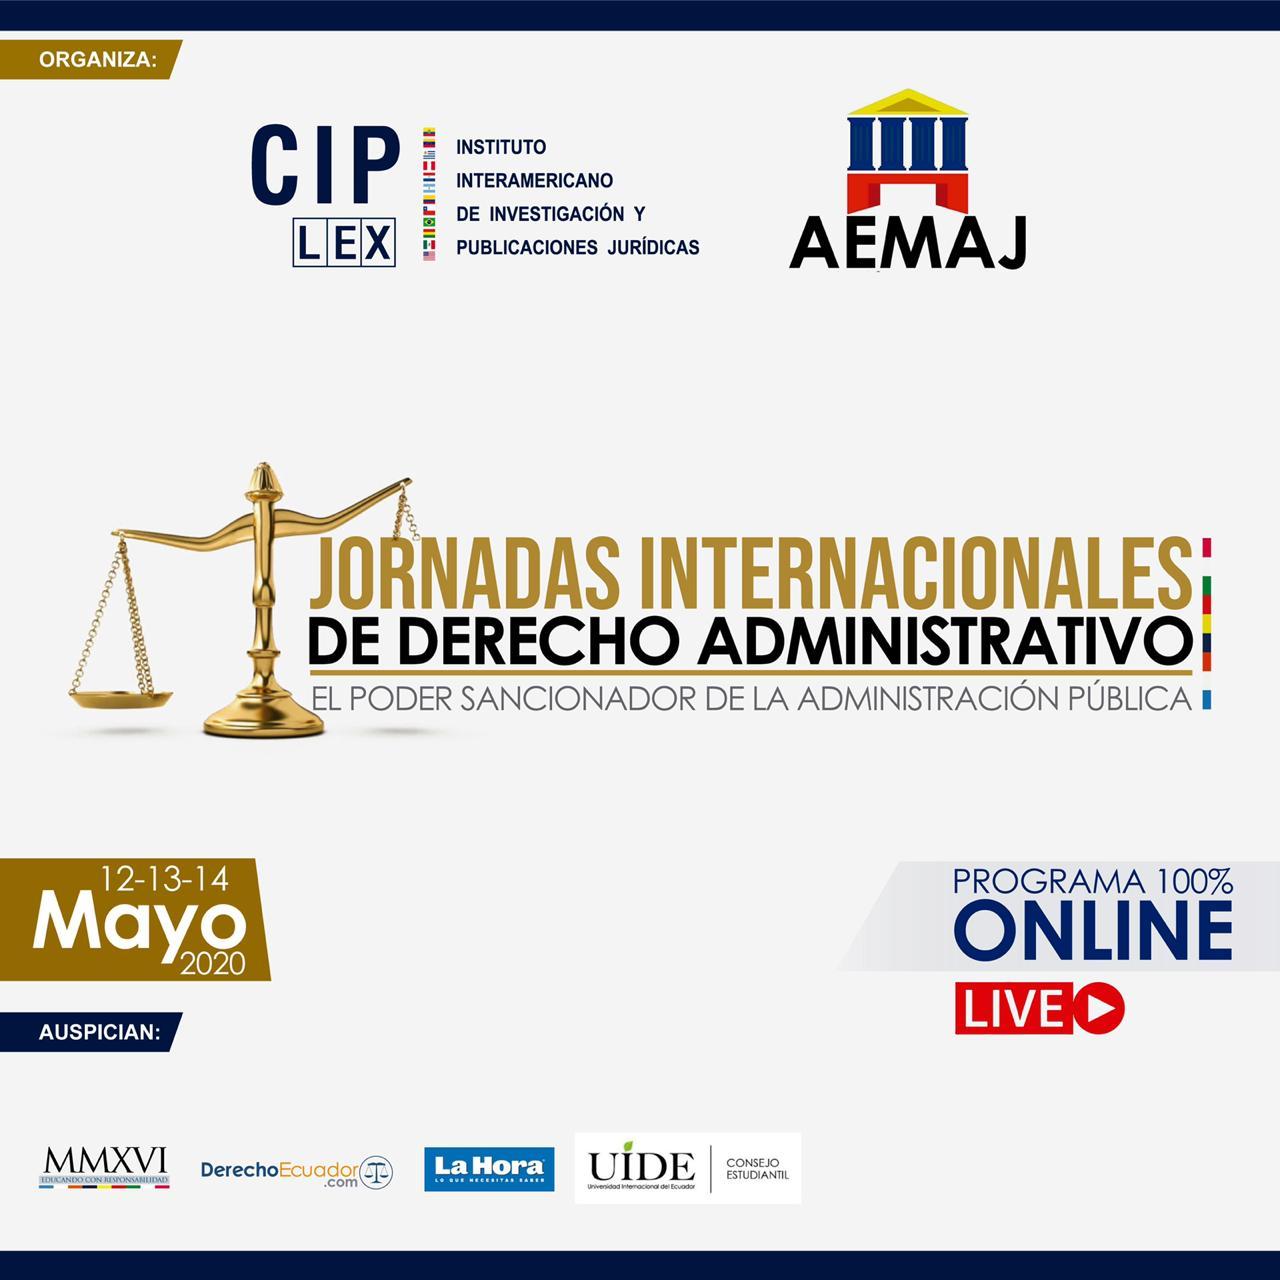 Jornadas Internacionales de Derecho Administrativo